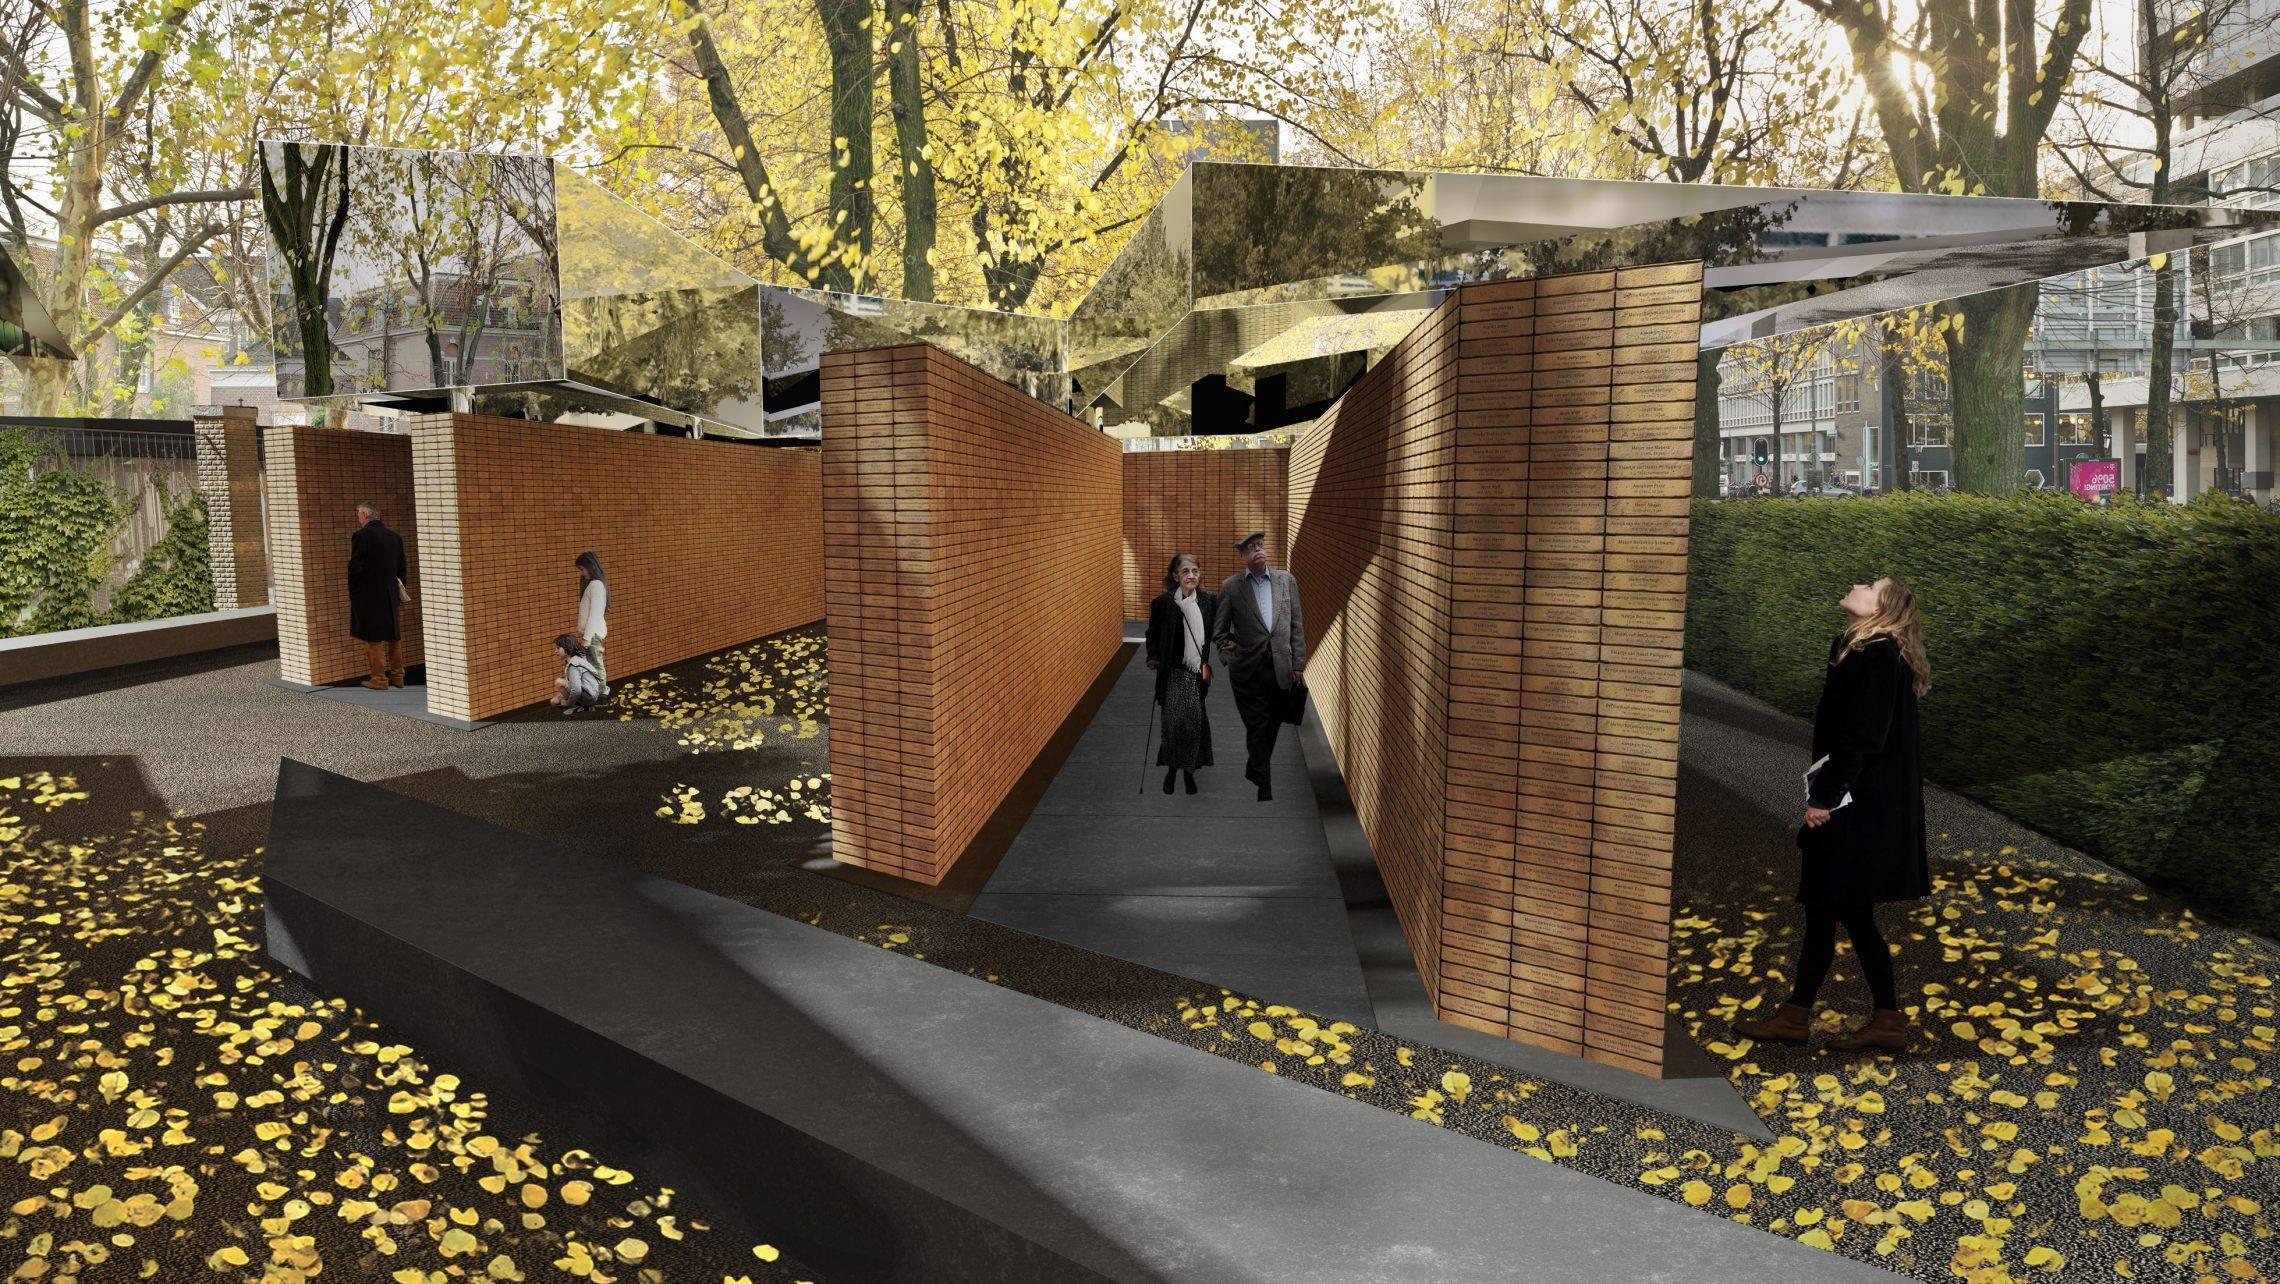 Regele Olandei a dezvelit monumentul dedicat celor 102.000 de victime ale holocaustului olandez